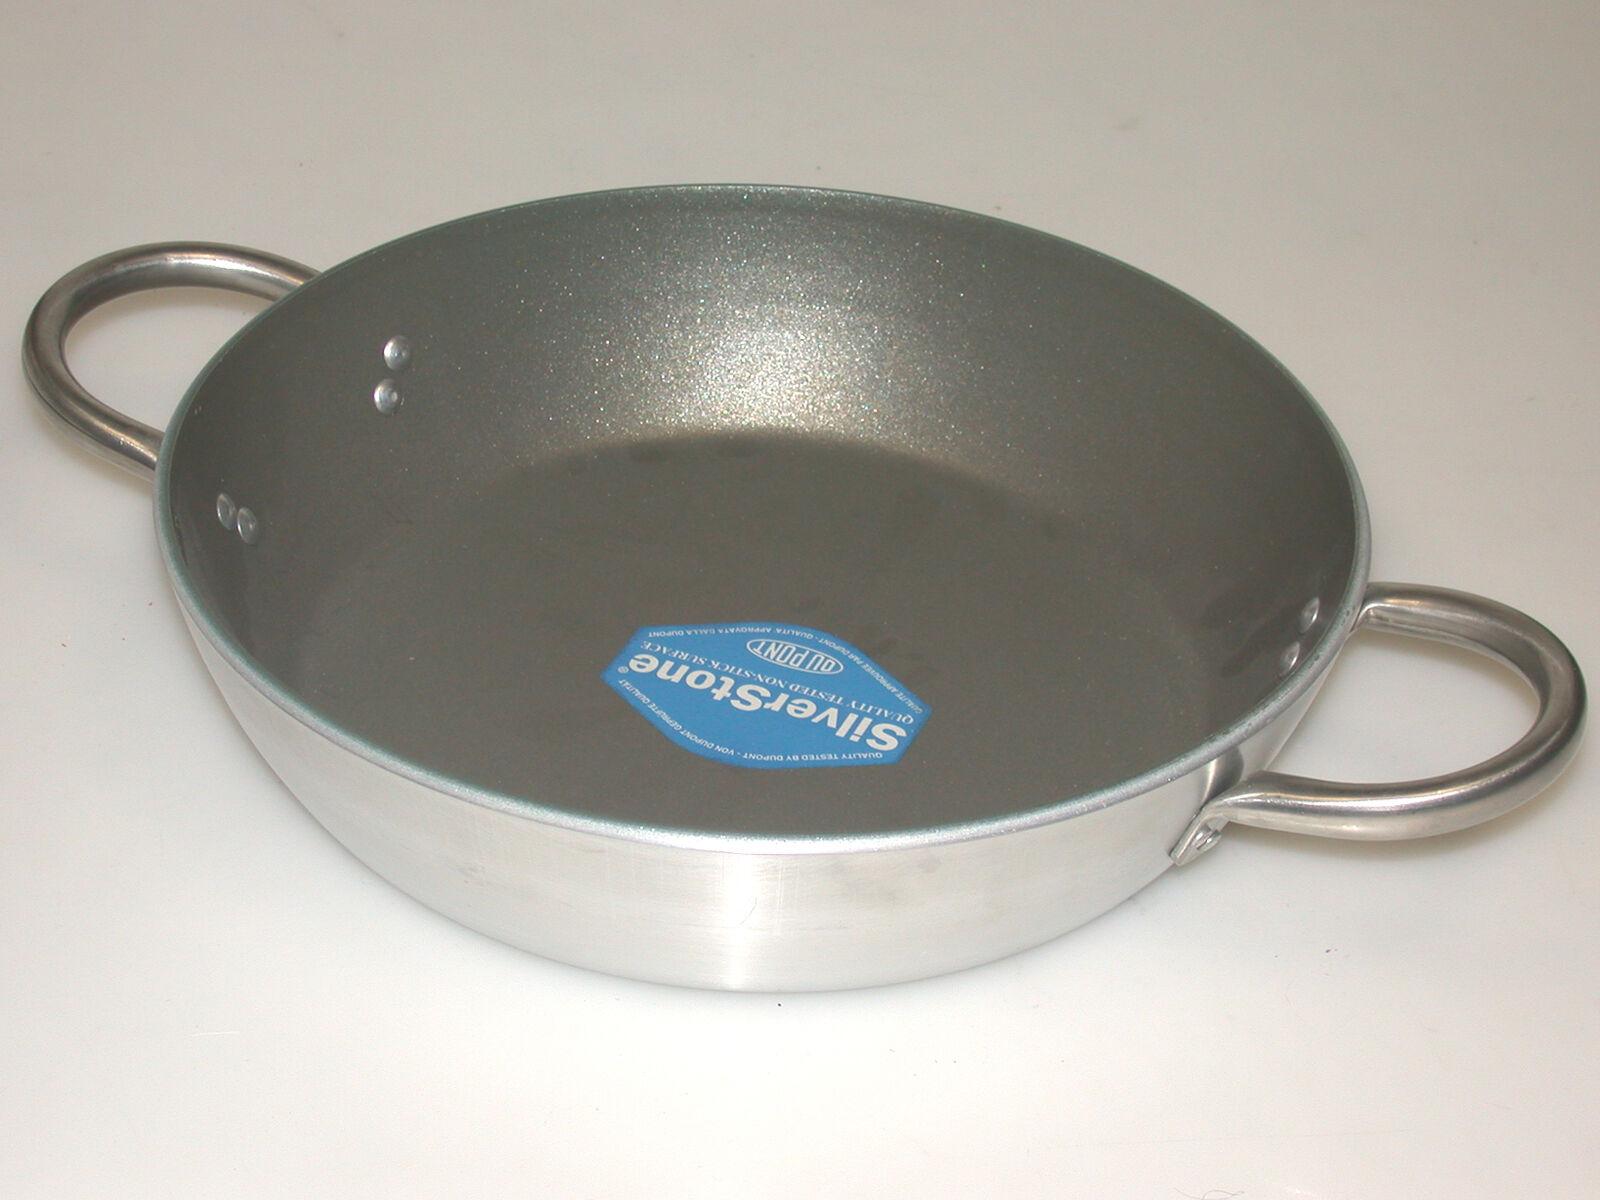 PARDINI Tegame antiaderente platinum 2 manici Cm 40 pentola da cucina